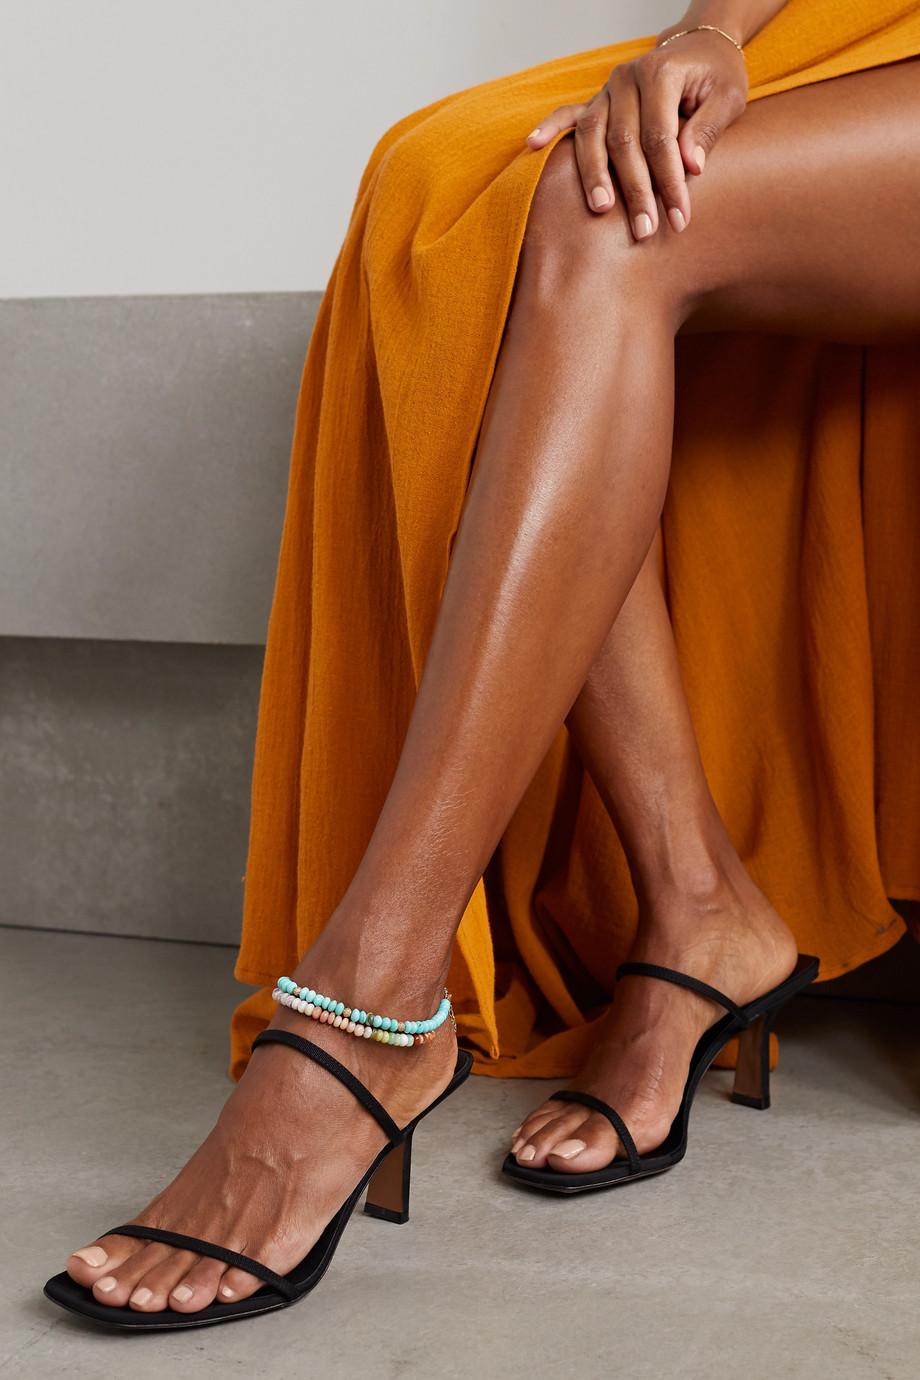 Jacquie Aiche 14-karat rose gold opal anklet